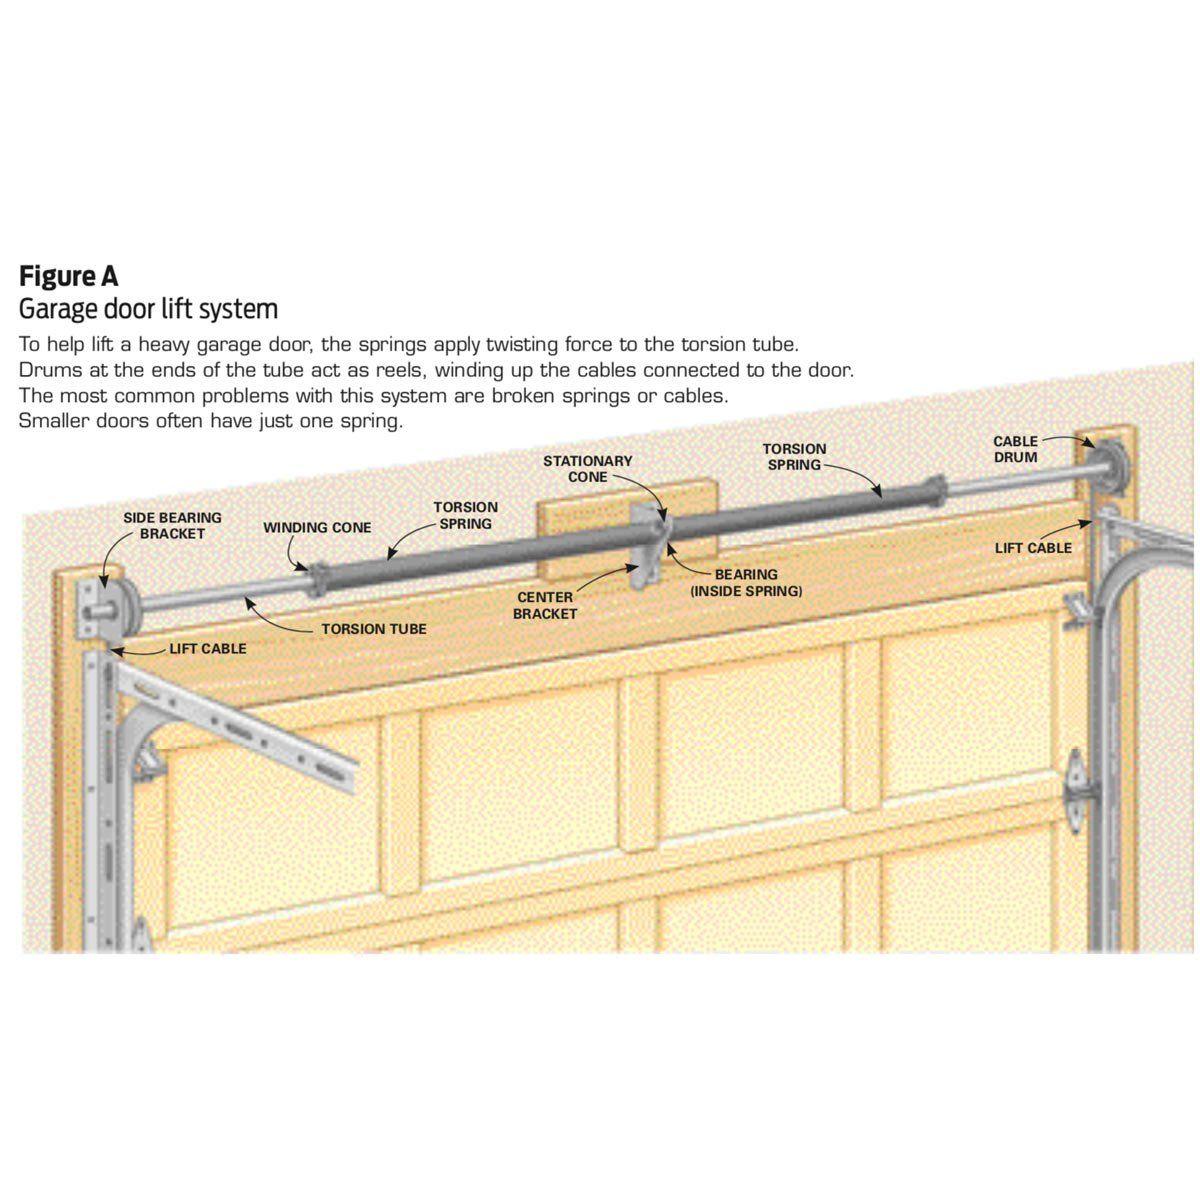 How To Repair Garage Door Springs And Cables Garage Door Repair Garage Door Springs Garage Door Spring Repair